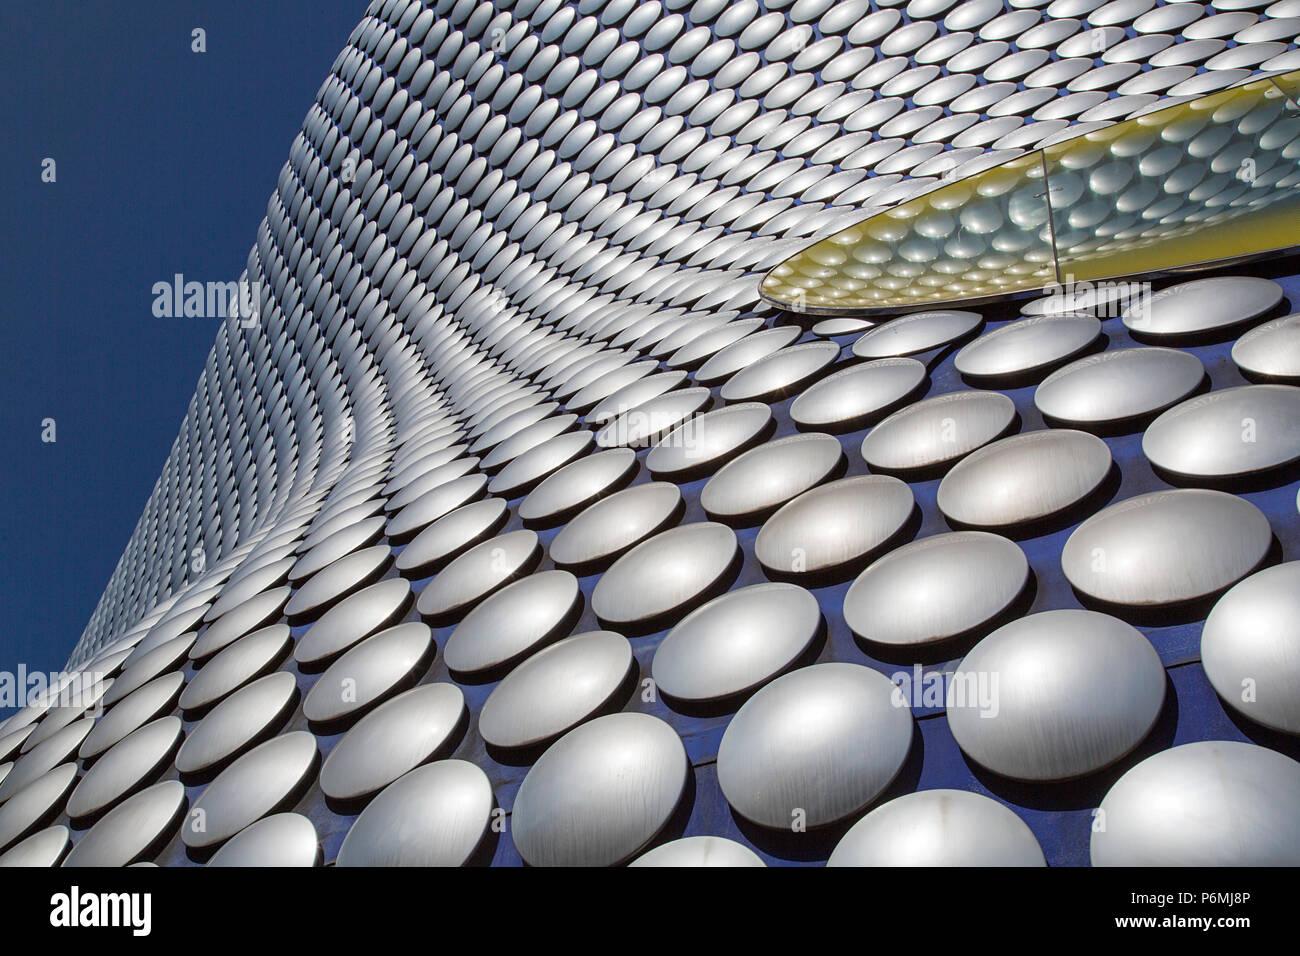 Birmingham, Vereinigtes Königreich: 29. Juni 2018: Selfridges ist einer der markantesten und Wahrzeichen der Stadt Birmingham und ein Teil der Bullring Shopping Centre. Stockbild